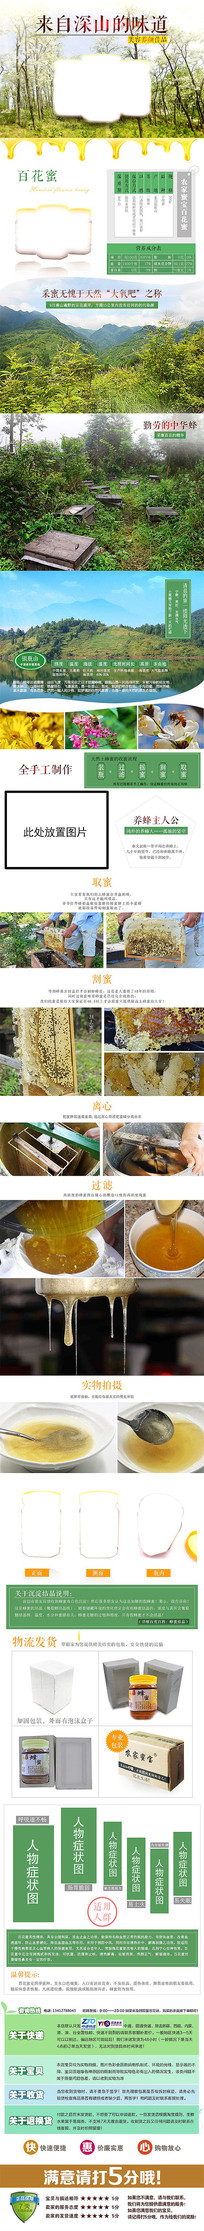 淘宝百花蜂蜜宝贝描述模版